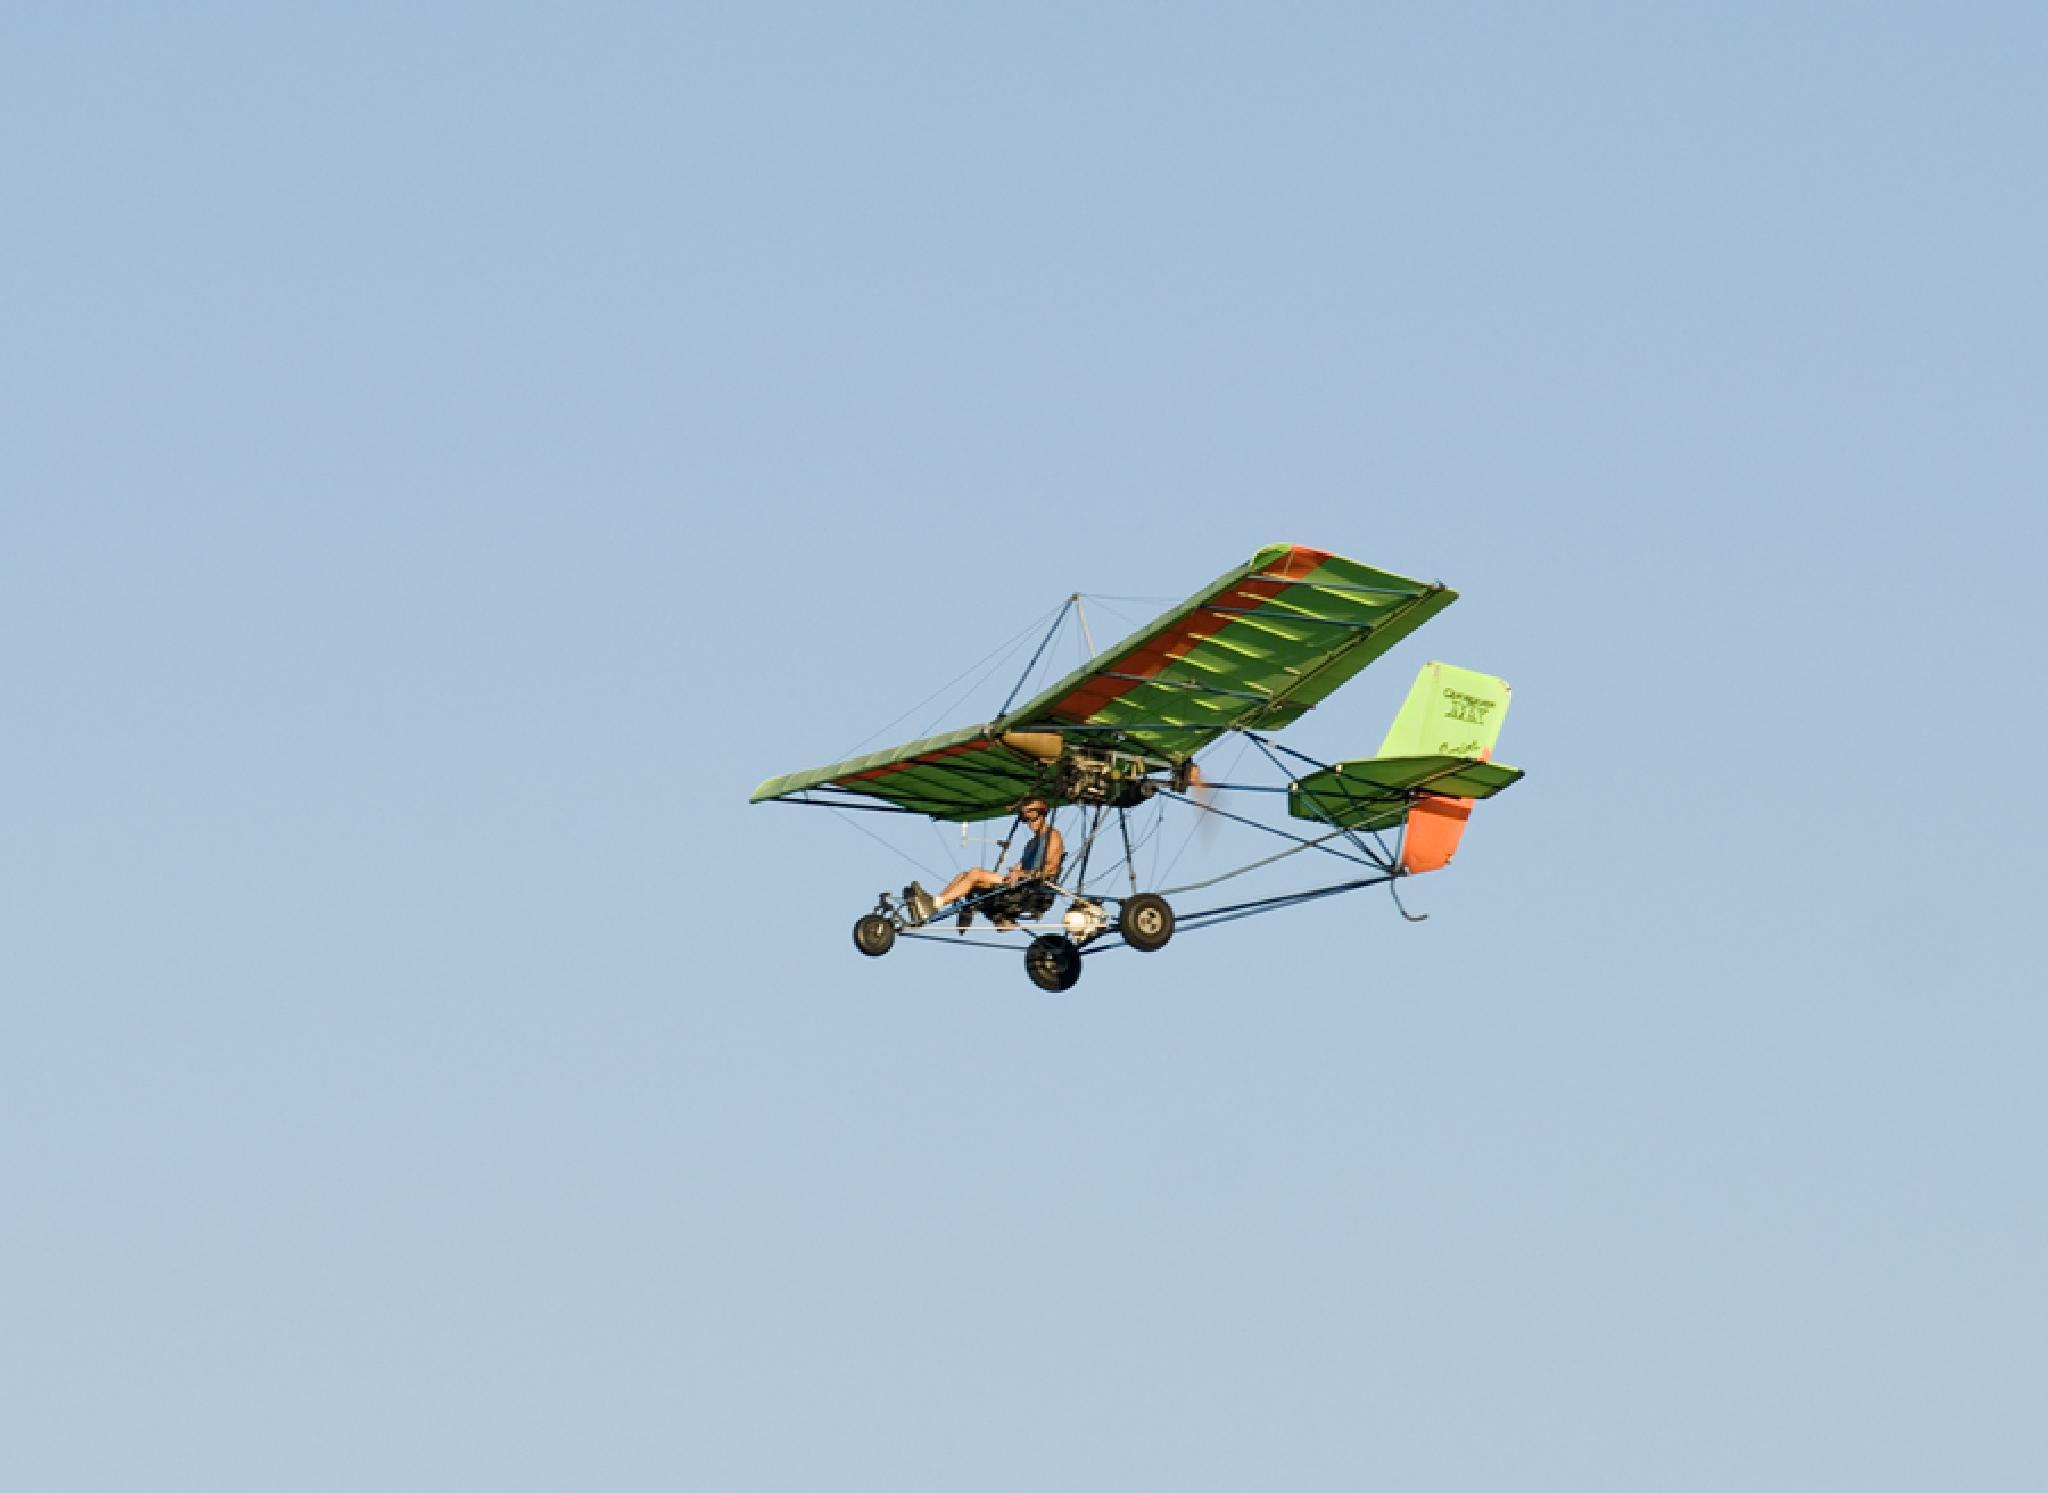 The flying lawnmower by debra.louden1